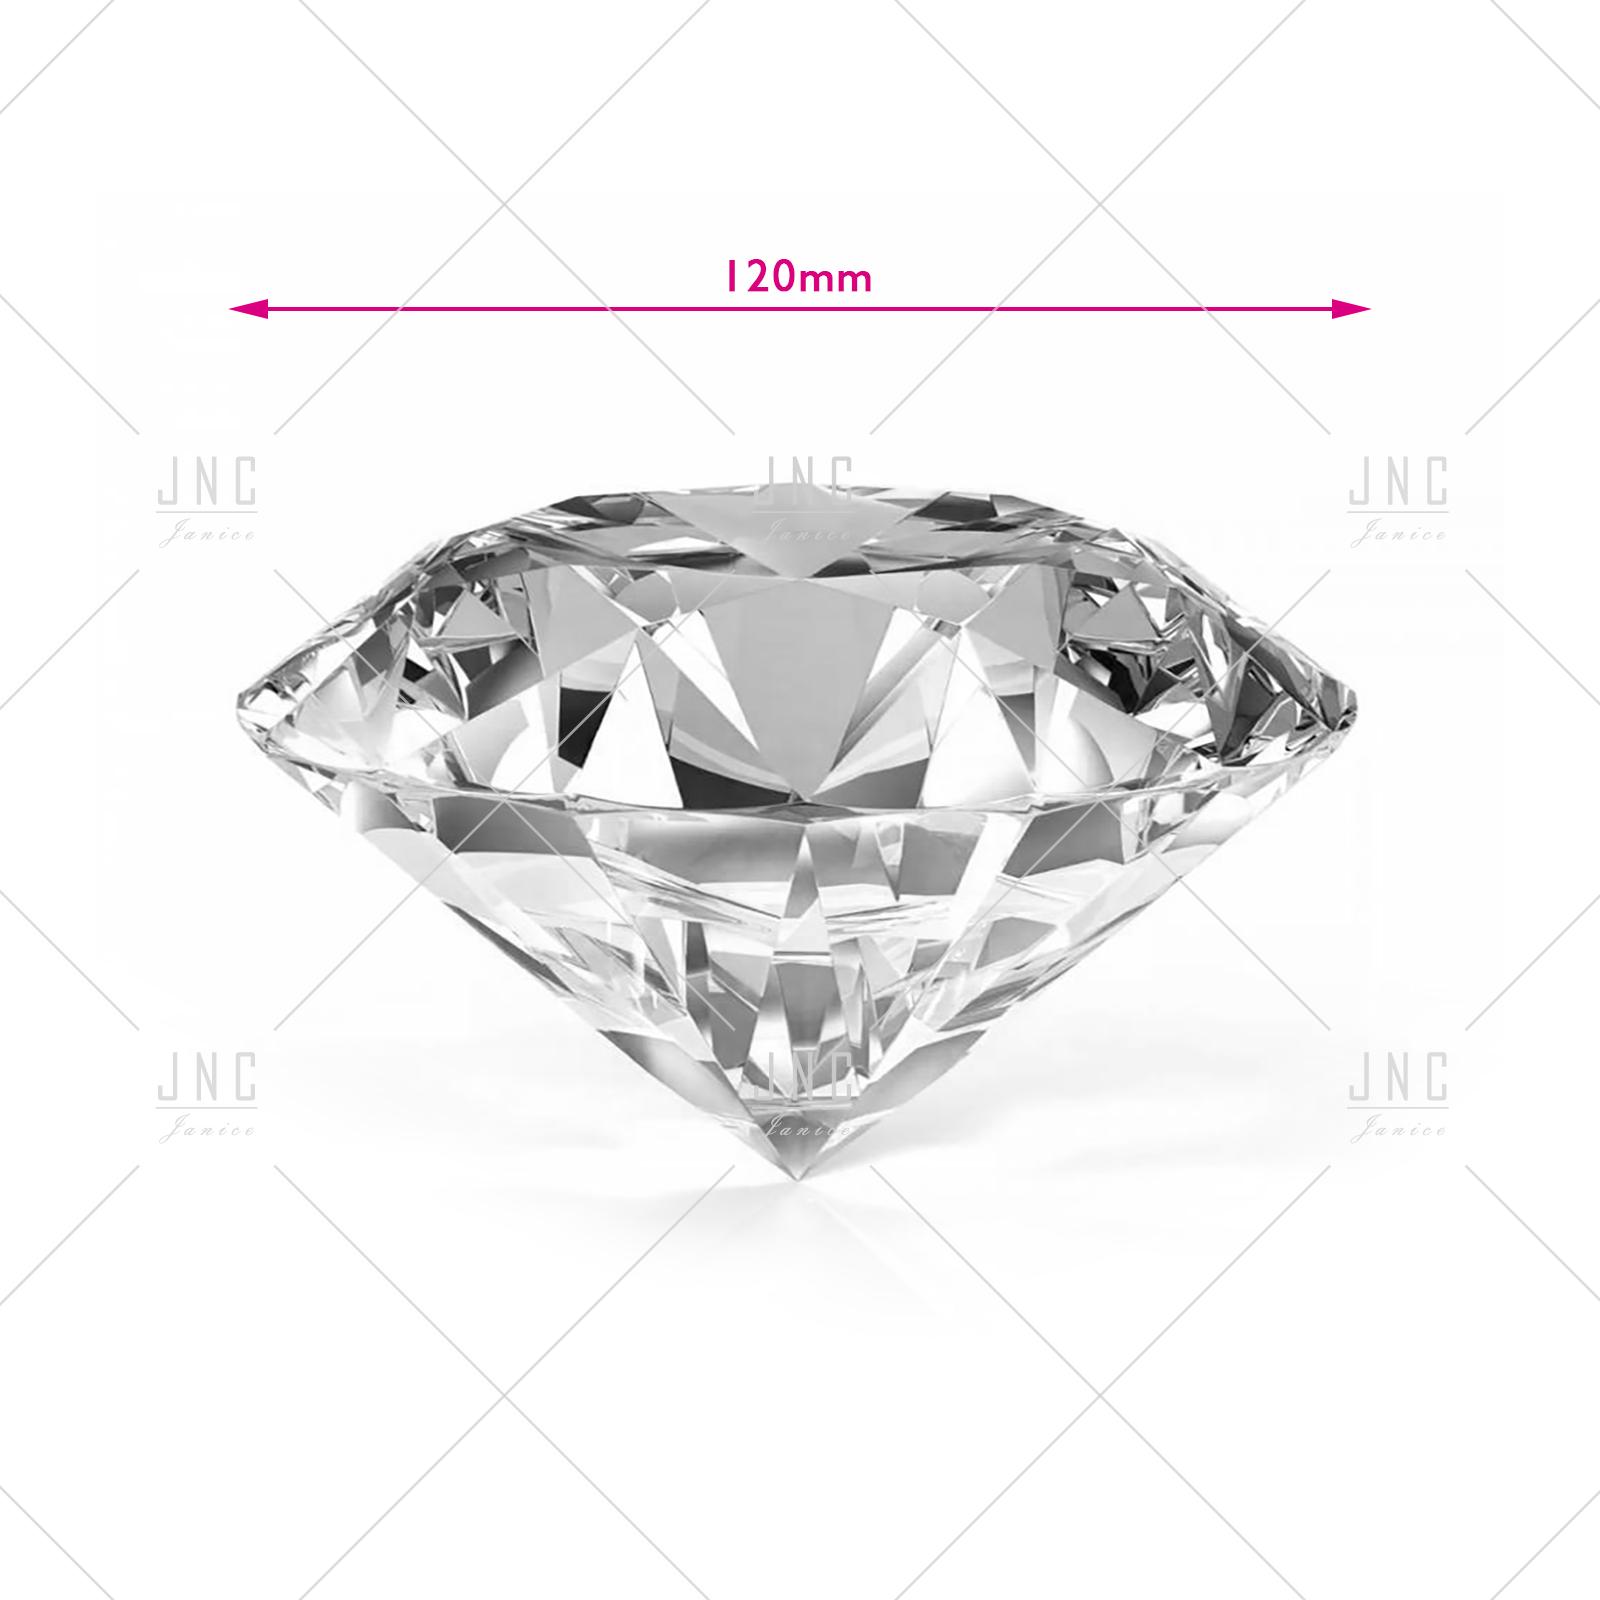 Diamante Transparente para fotos - 120mm | Ref.861878